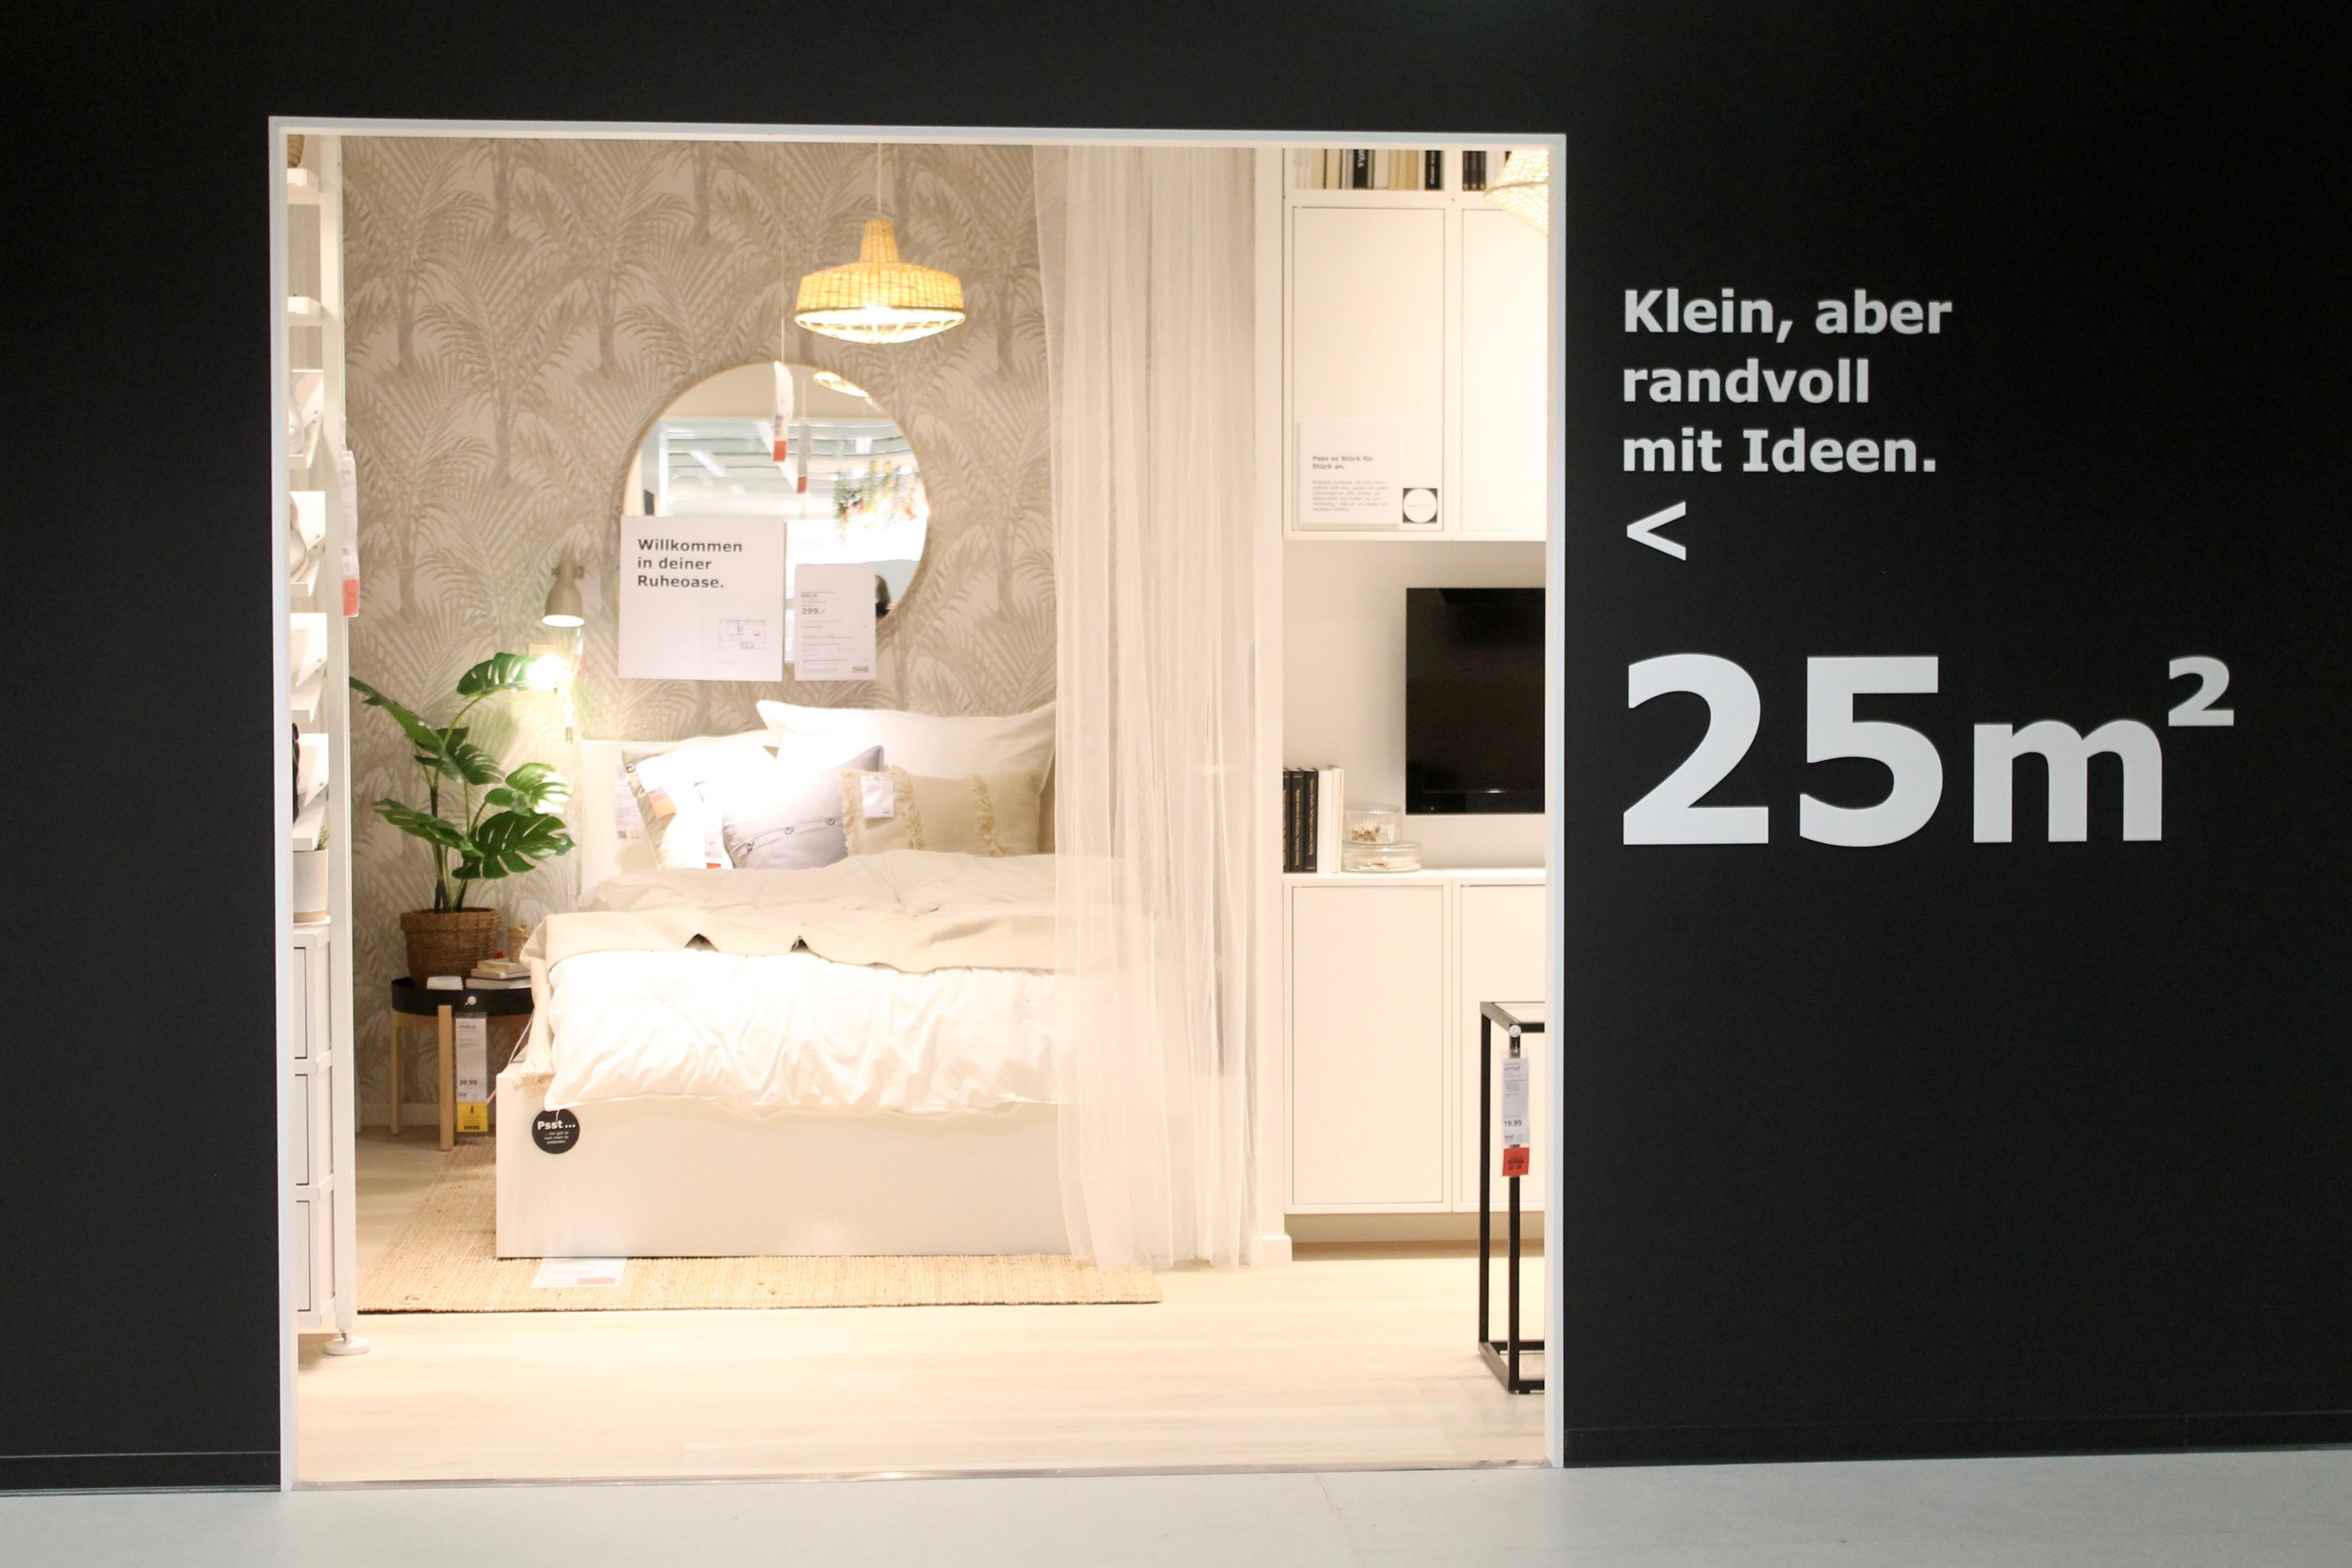 Über Schlafkomfort bei IKEA Oldenburg, meine Meinung zum Familienbett und 3 x 100EUR Gewinnchance